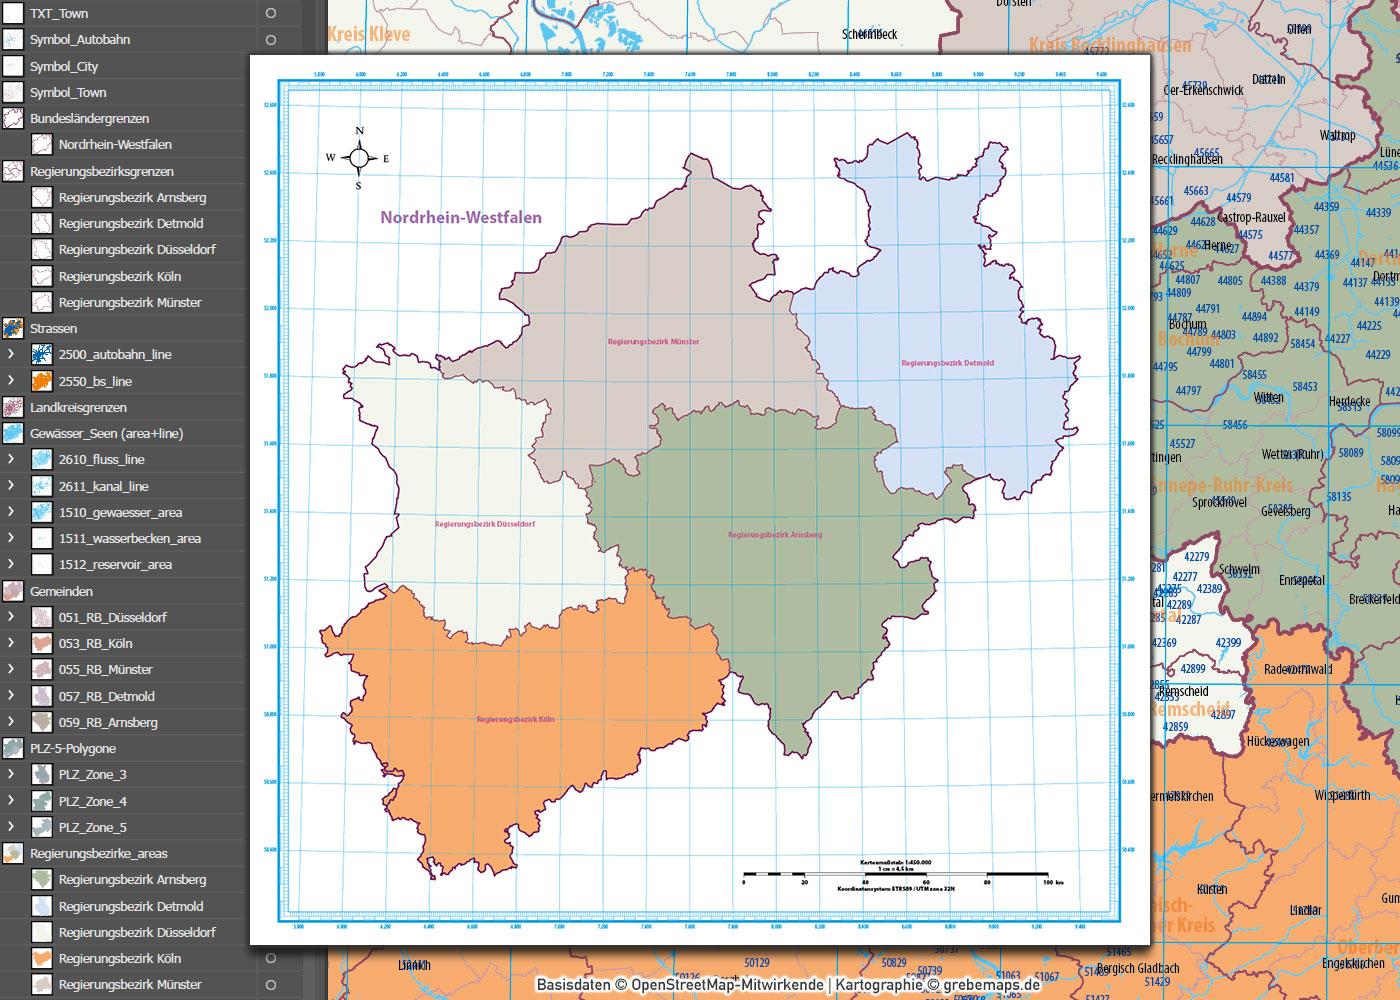 Nordrhein-Westfalen Vektorkarte NRW Regierungsbezirke Landkreise Gemeinden Postleitzahlen PLZ-5, Karte NRW PLZ, Karte NRW Gemeinden, Karte NRW Landkreise, Karte NRW administrativ, Vektorkarte NRW PLZ, AI, download, editierbar